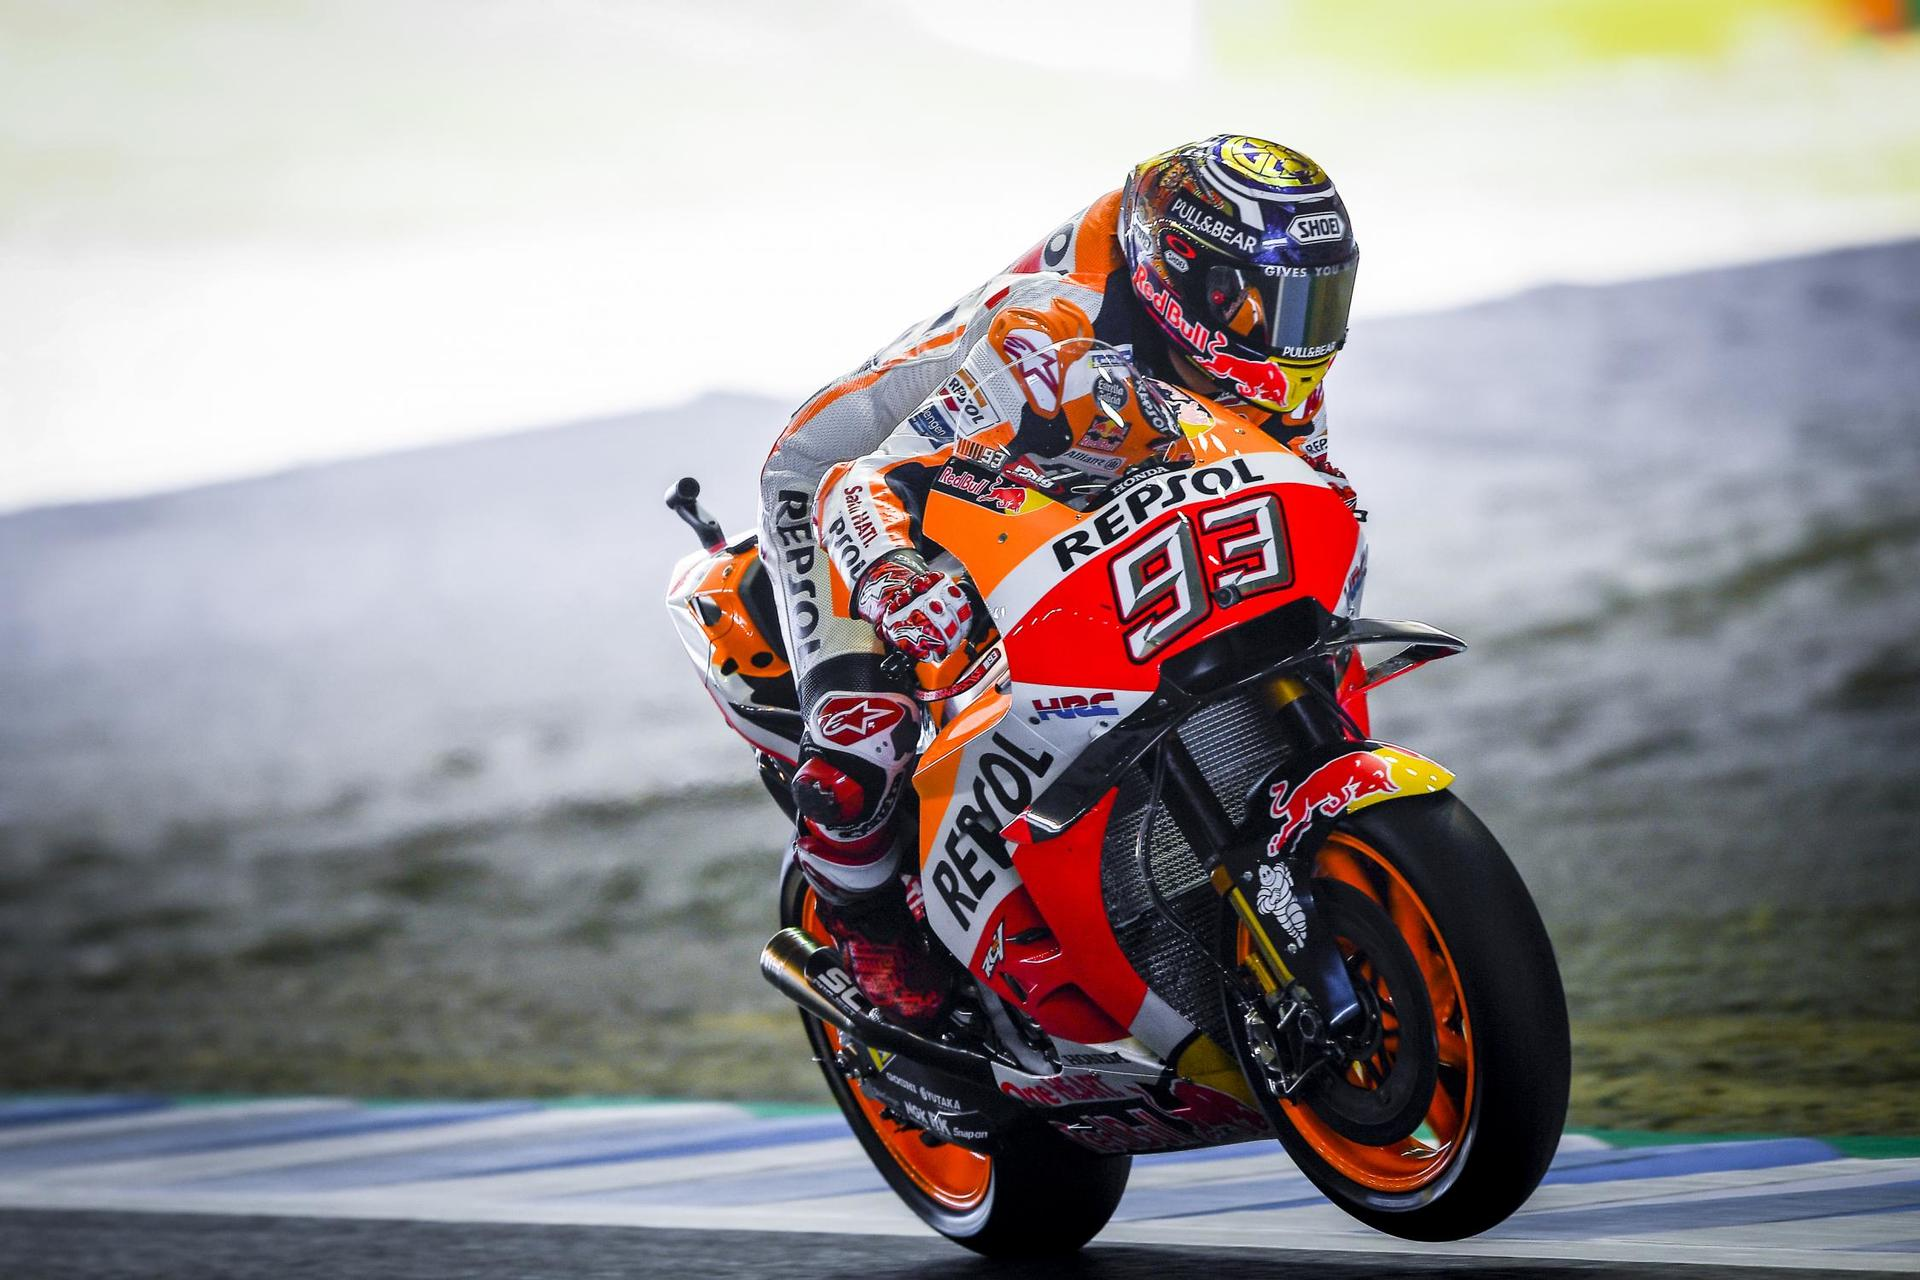 MotoGP 2018: Результаты Гран-При Японии, Мотеги (26 фото)